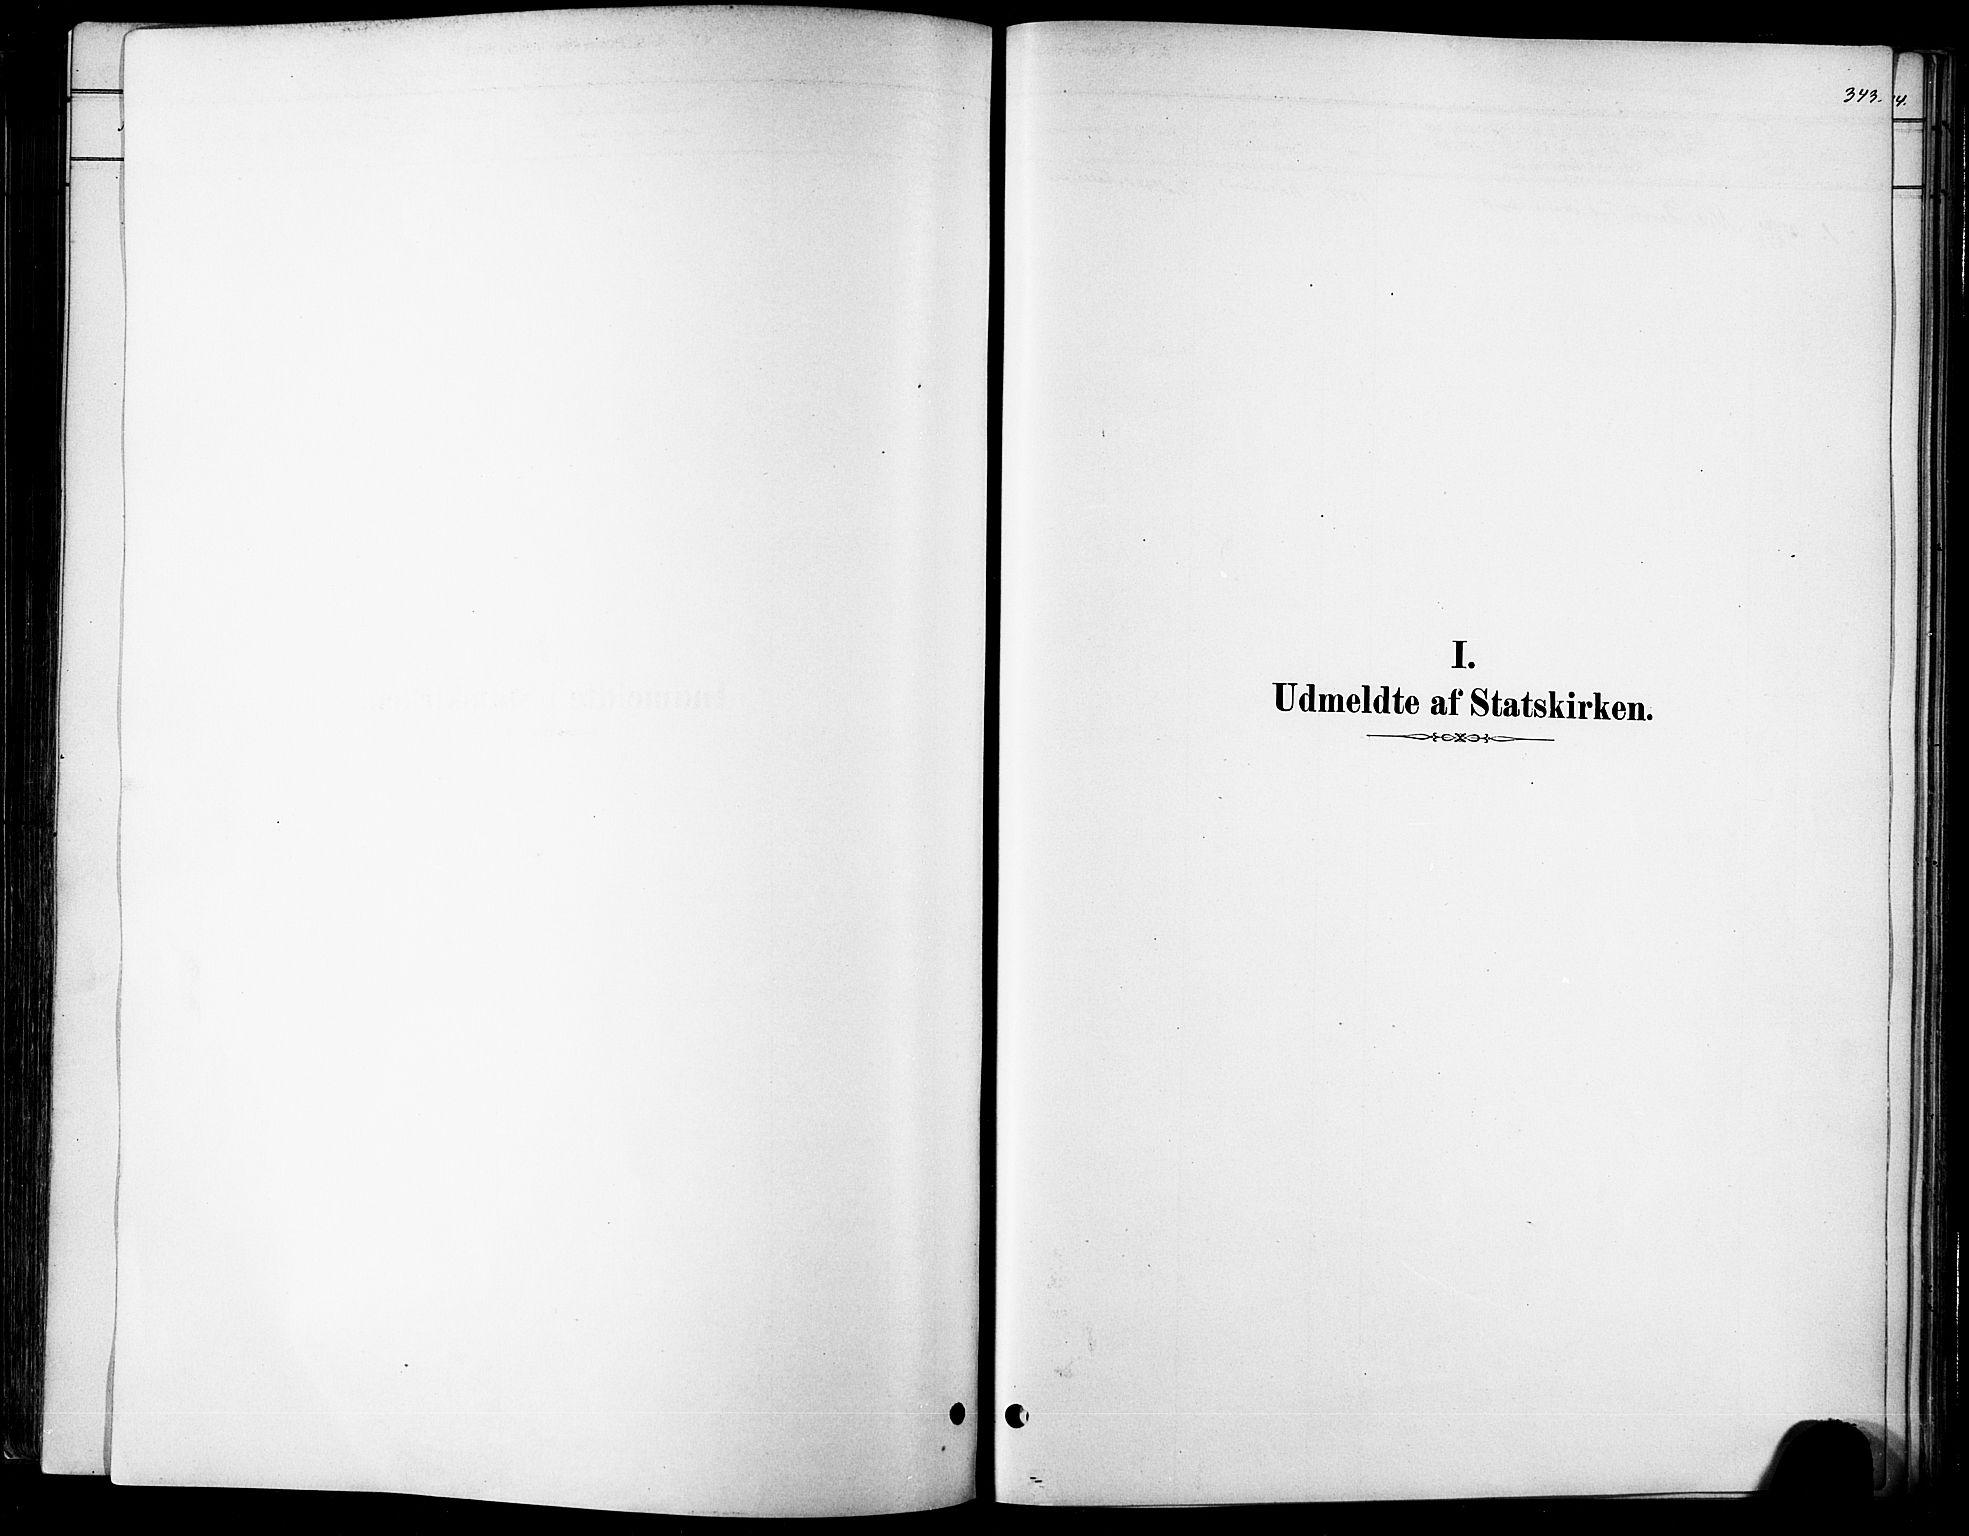 SAT, Ministerialprotokoller, klokkerbøker og fødselsregistre - Møre og Romsdal, 529/L0454: Ministerialbok nr. 529A04, 1878-1885, s. 343